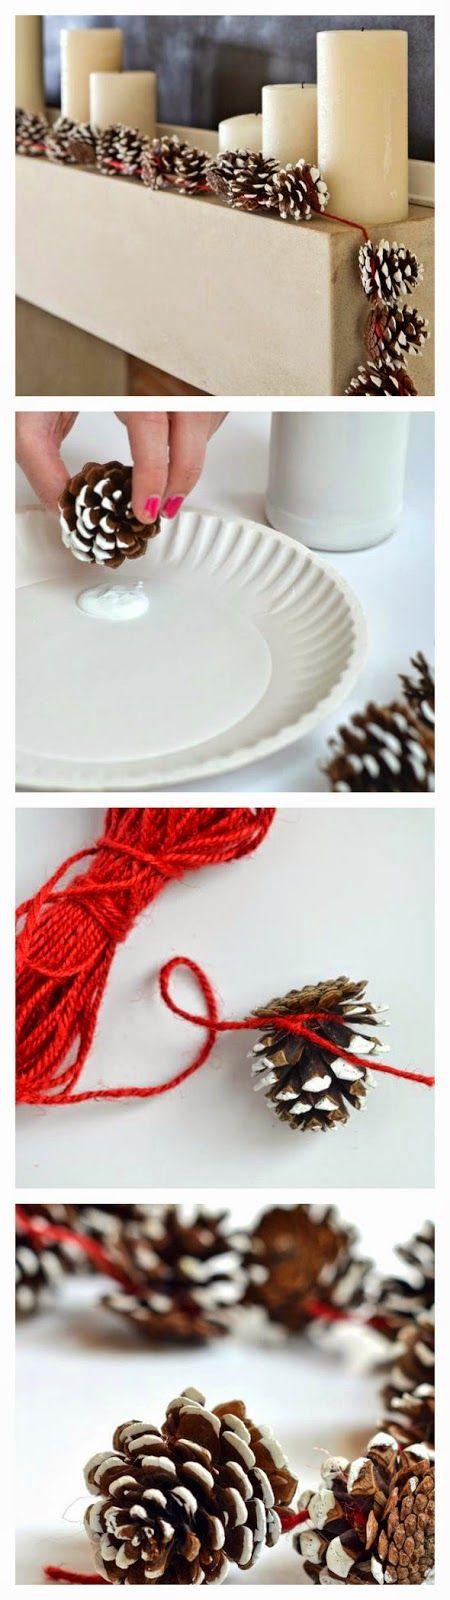 A tobozok nem hiányozhatnak a téli dekorációból. Fűzd fel őket egy piros cérnára, és dekorálj vele szabadon!